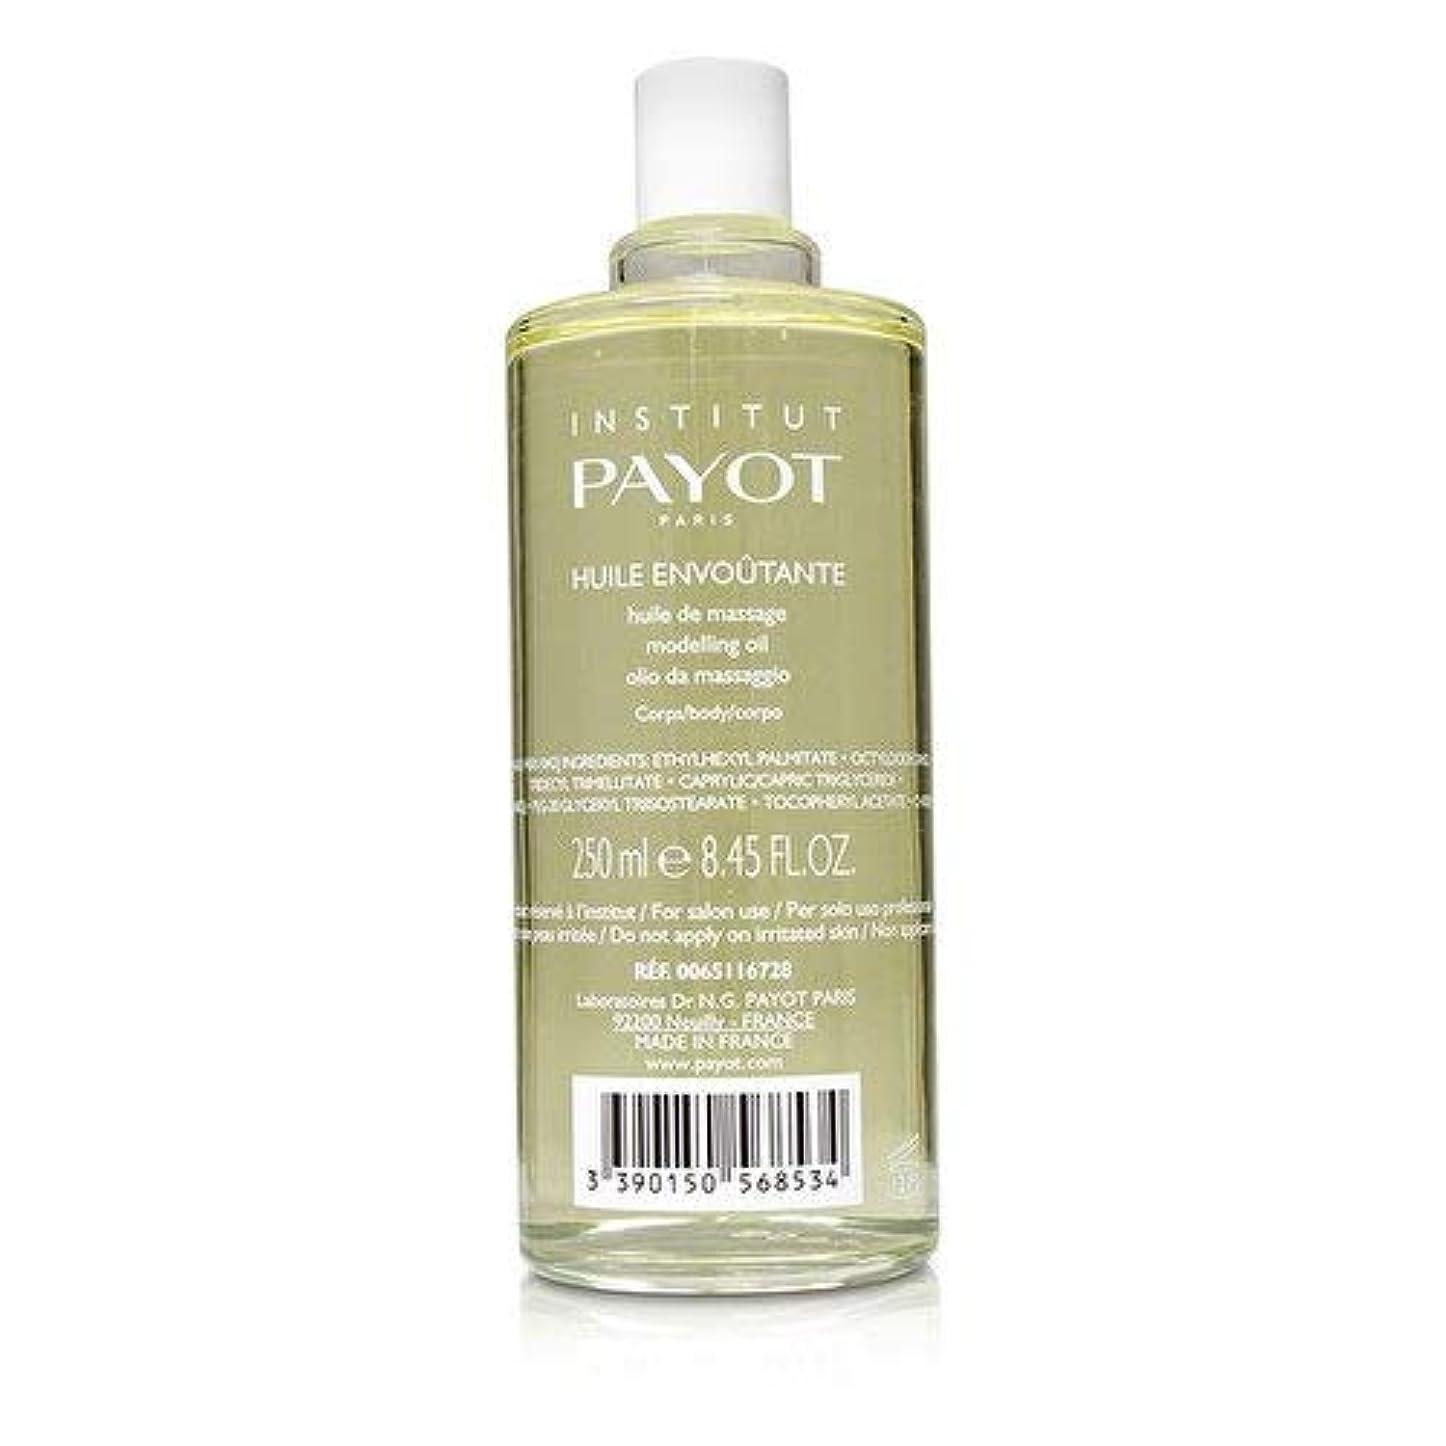 話すストレスの多い熱パイヨ Huile Envoutante - Body Massage Oil (White Flower & Honey) (Salon Product) 250ml/8.4oz並行輸入品